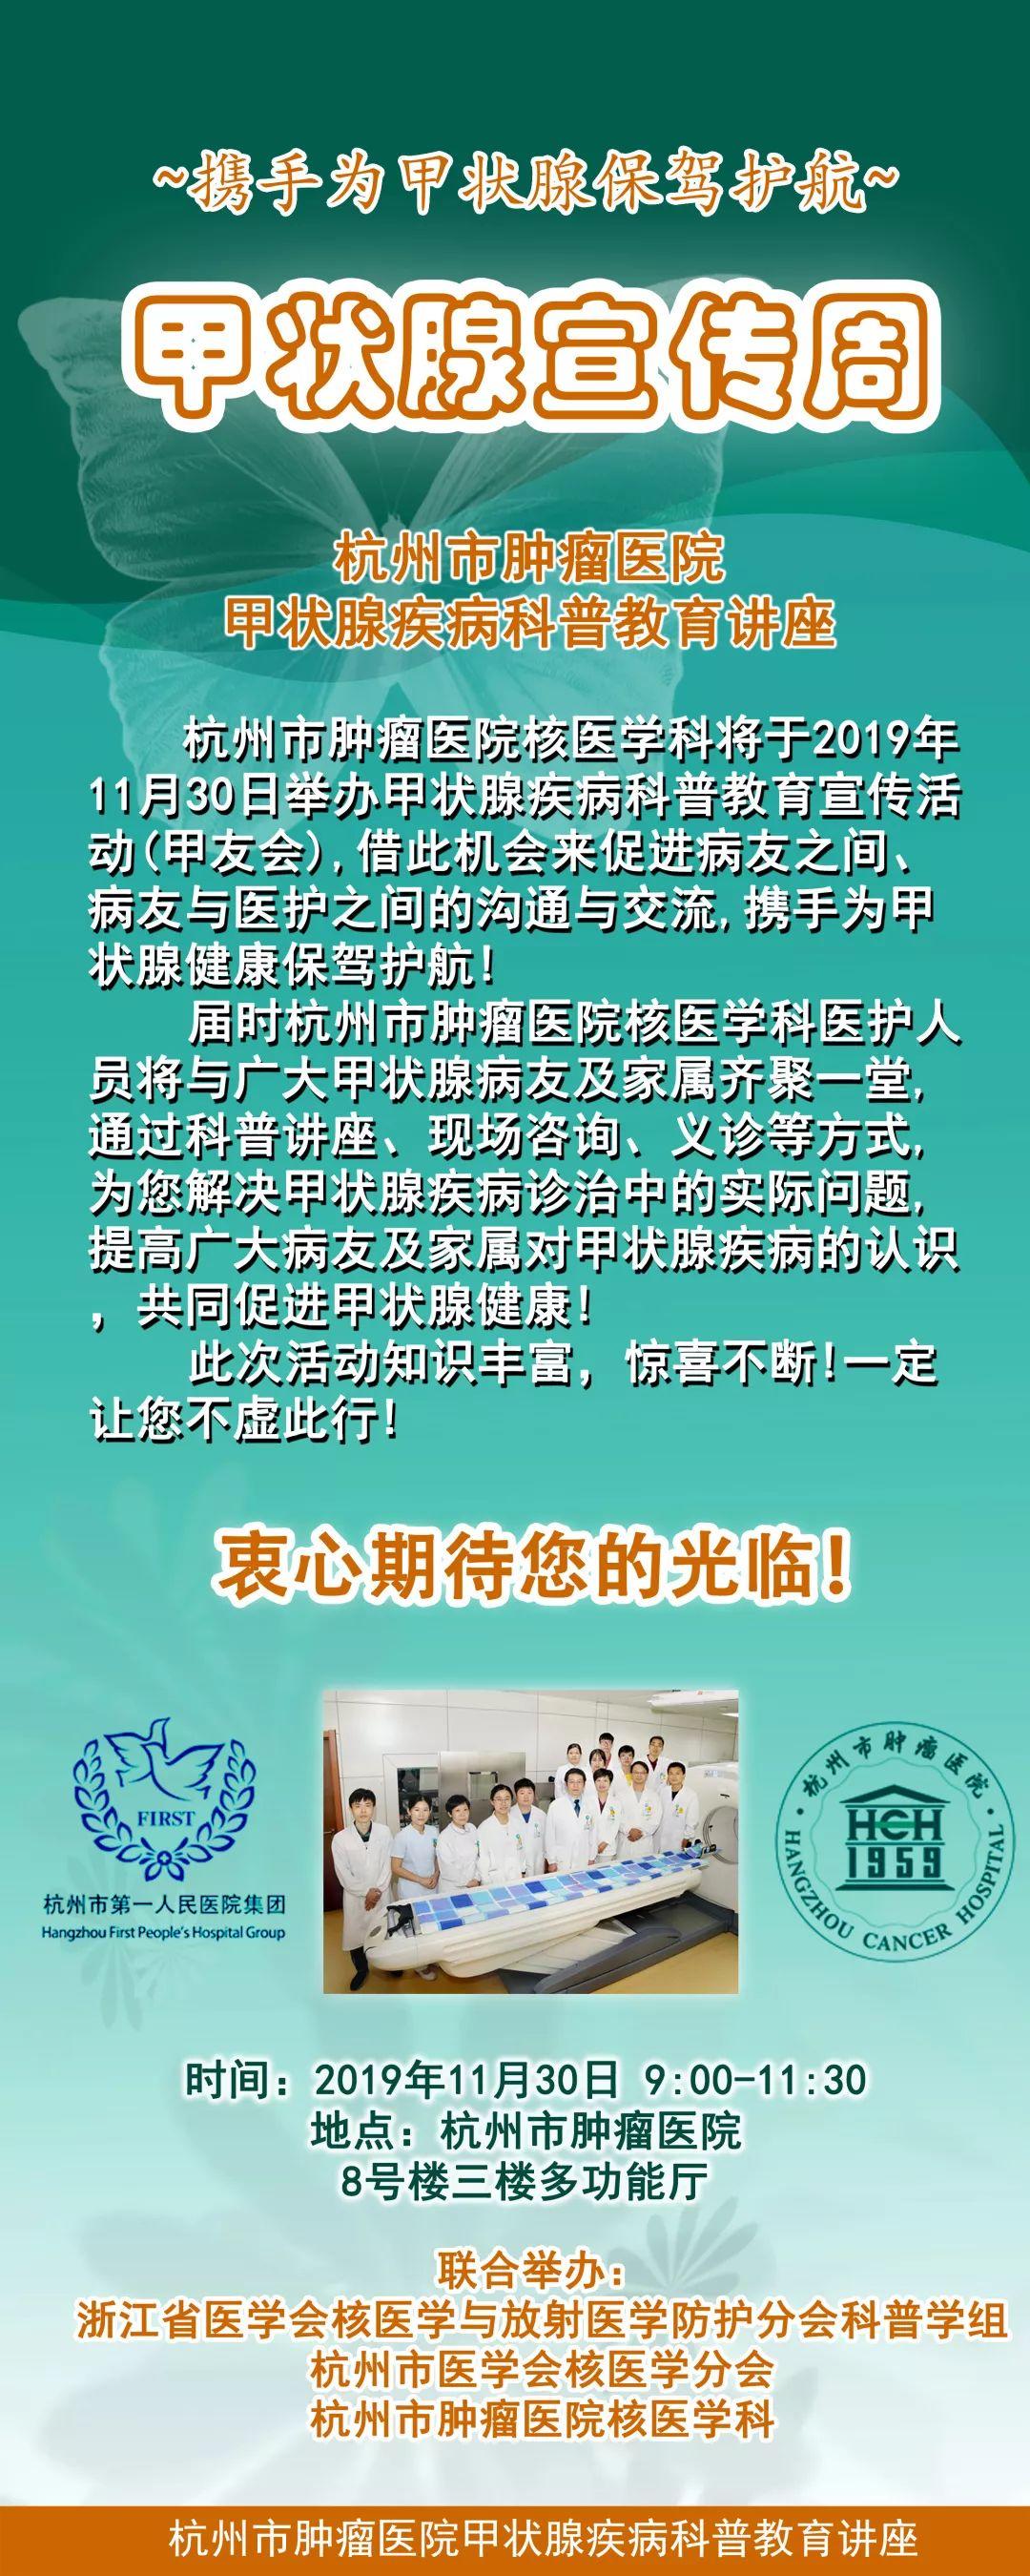 【欢迎前来参加杭州市肿瘤医院甲状腺疾病科普教育讲座,还有义诊哦!】